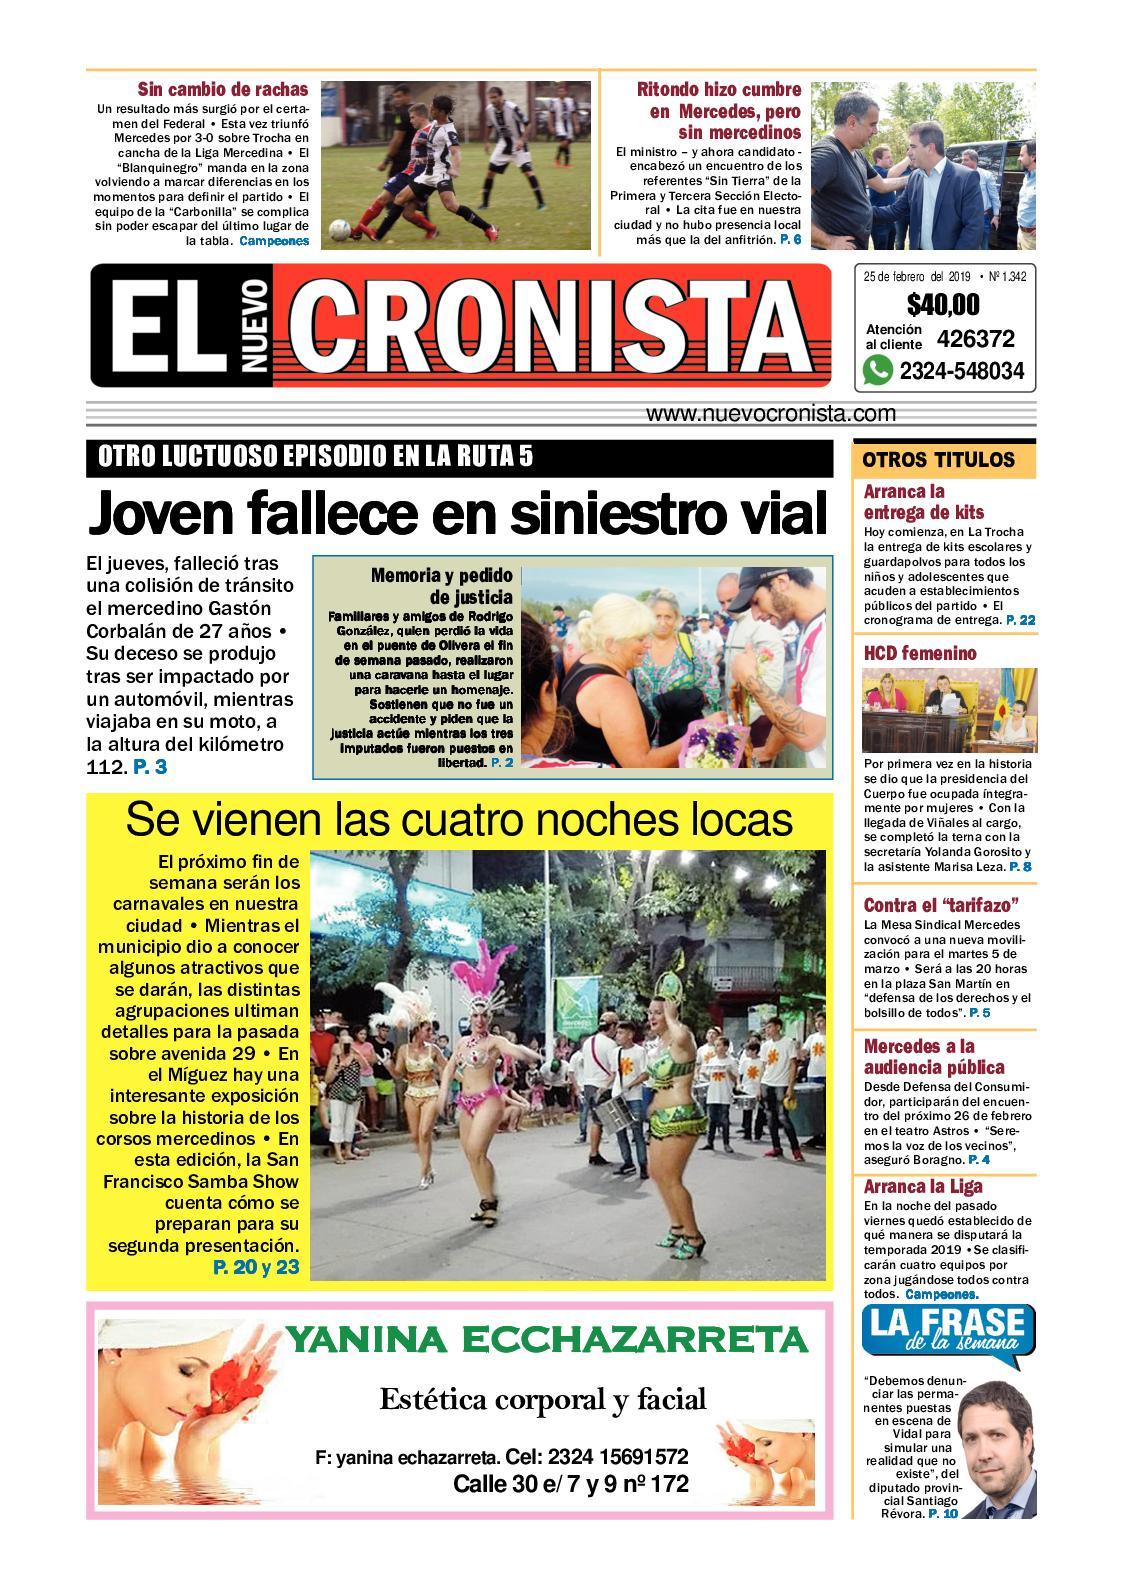 Conocer Gente Nueva - 418738